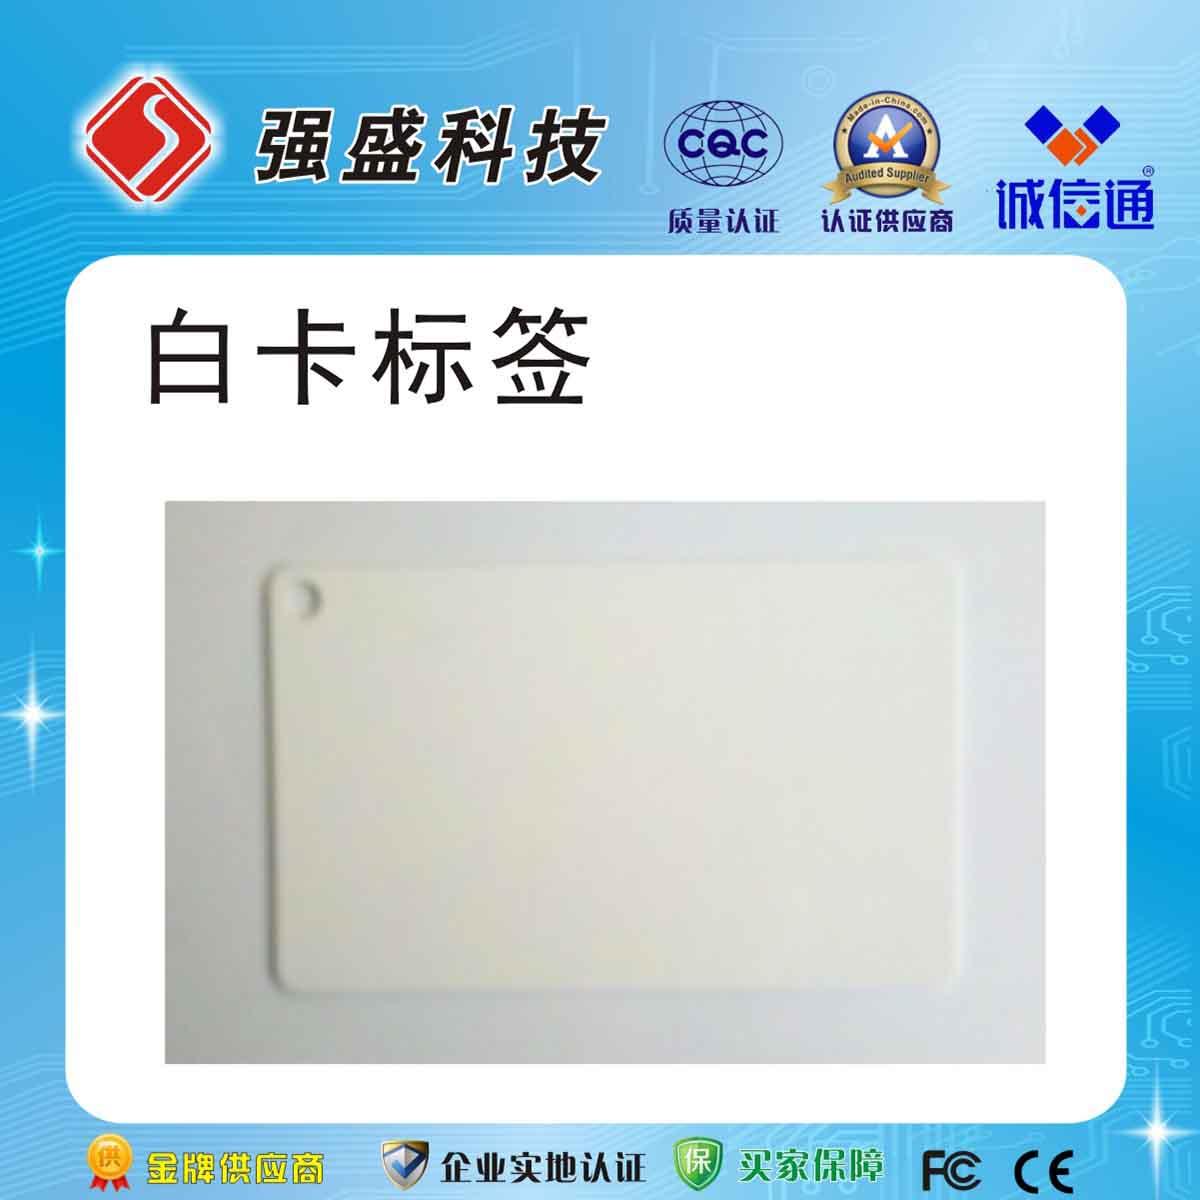 供应广州强盛RFID超高频工作卡有源白卡标签